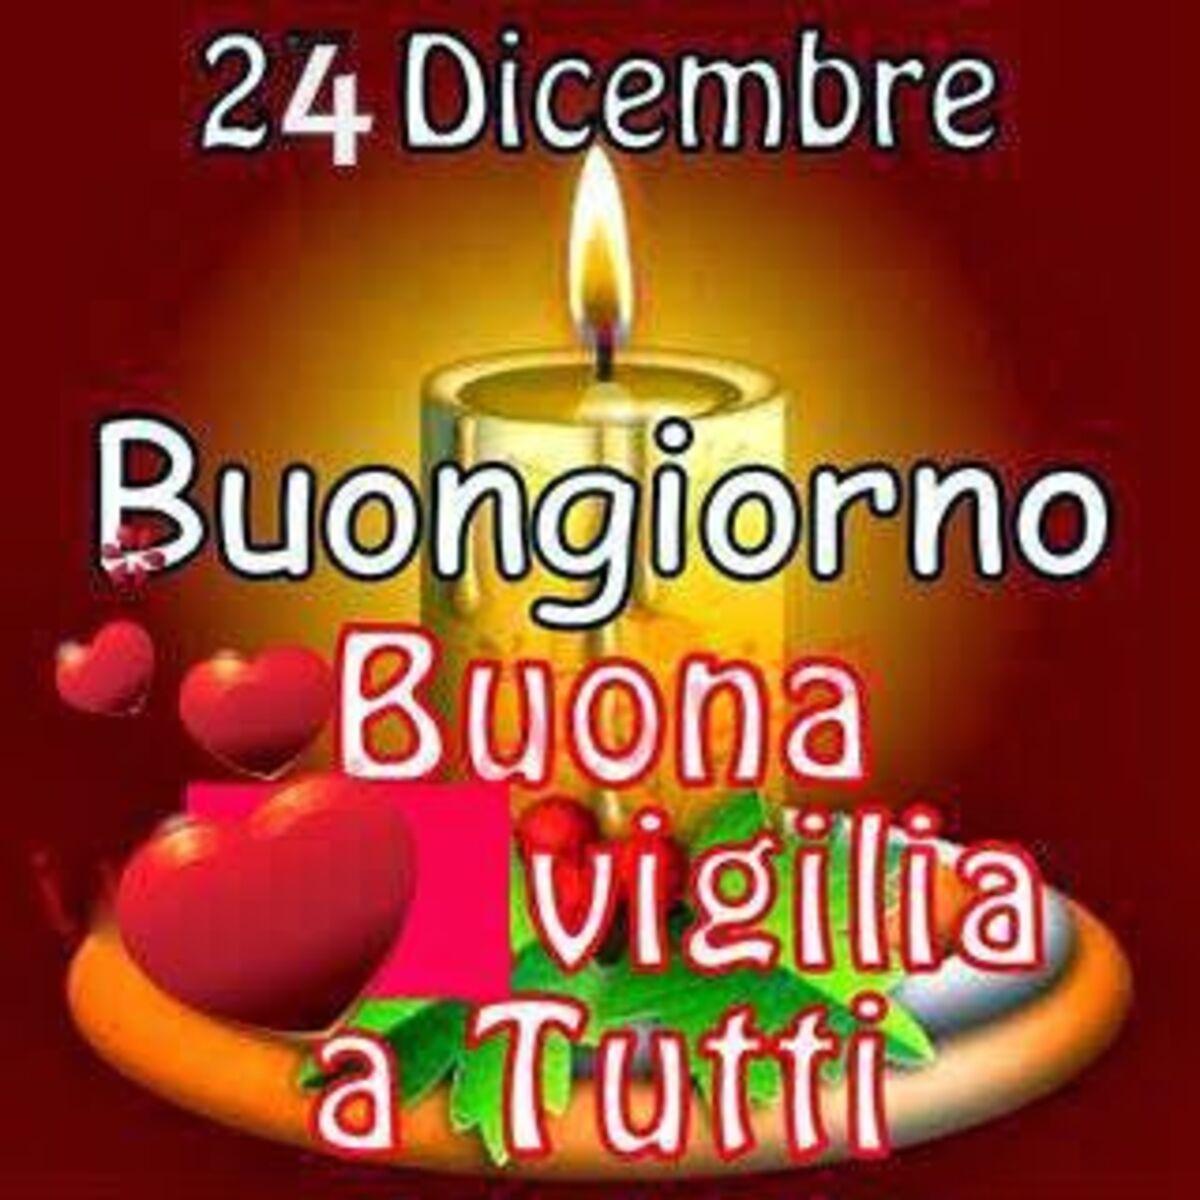 24 Dicembre Buongiorno Buona Vigilia a tutti